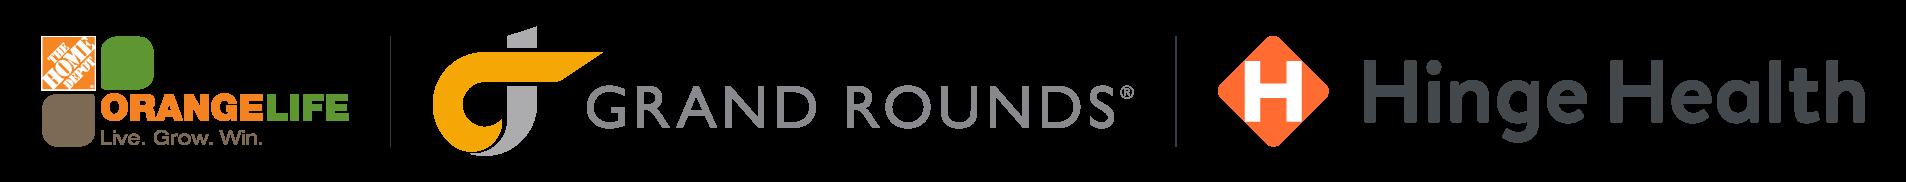 20190528_home_depot_GR_partner_logo_v1@2x.png